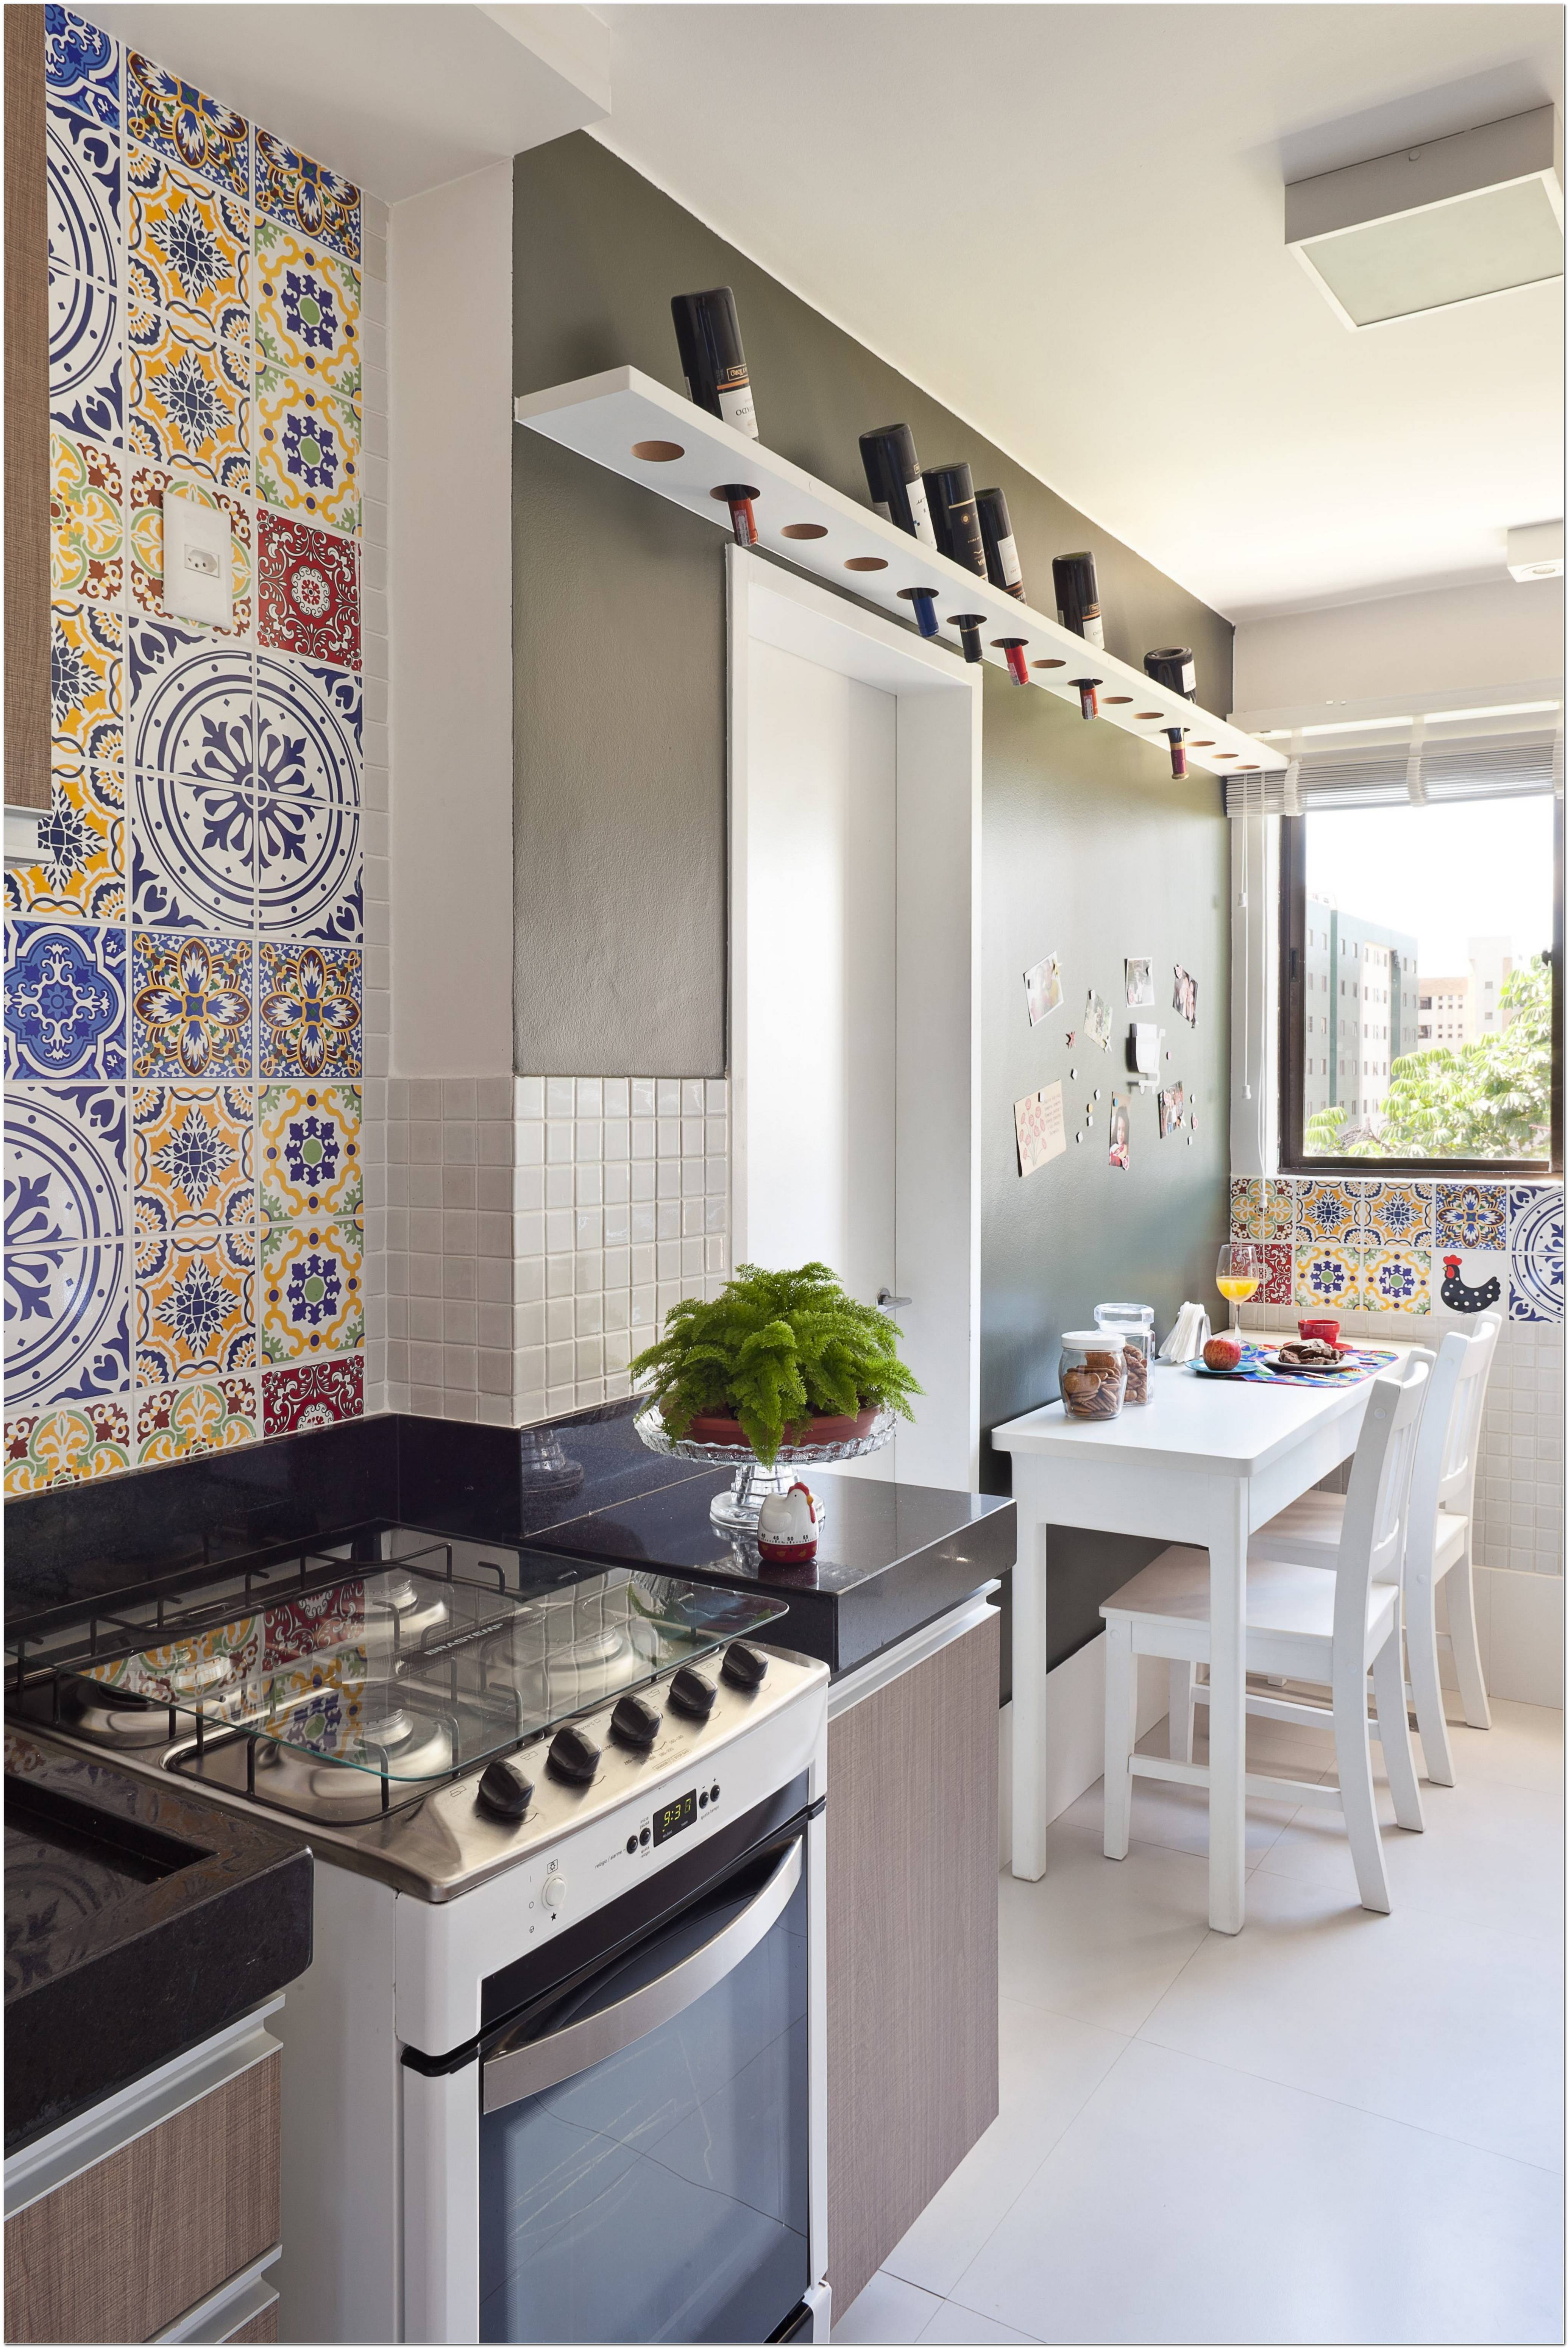 Cozinha Corredor 25 Projetos Fotos E Dicas